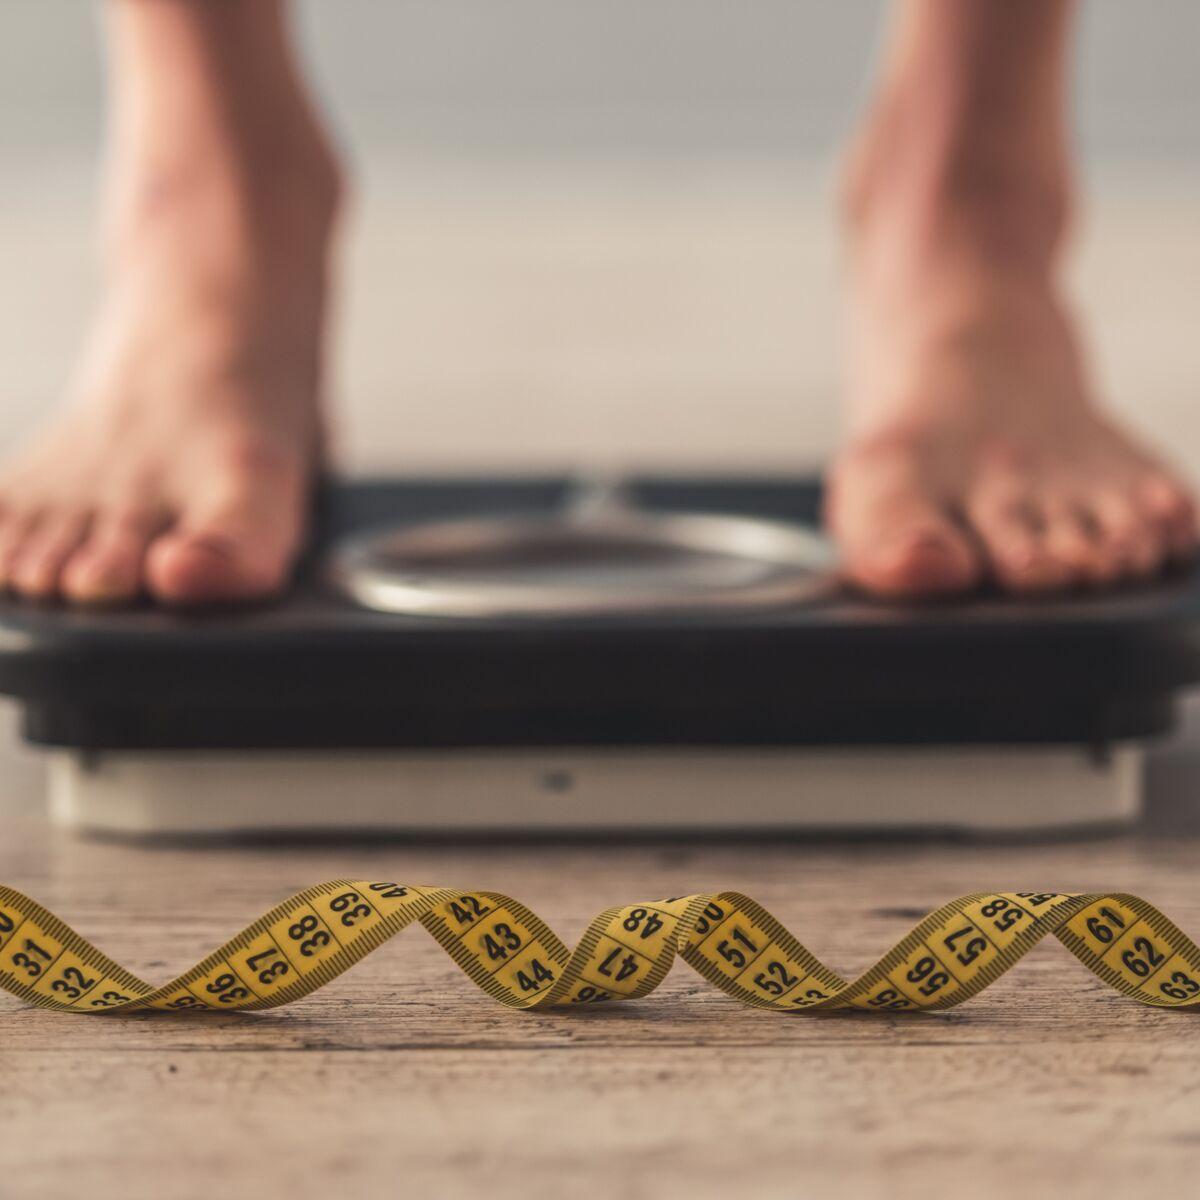 ce qui causerait de la fatigue et une perte de poids perdre des dates de poids